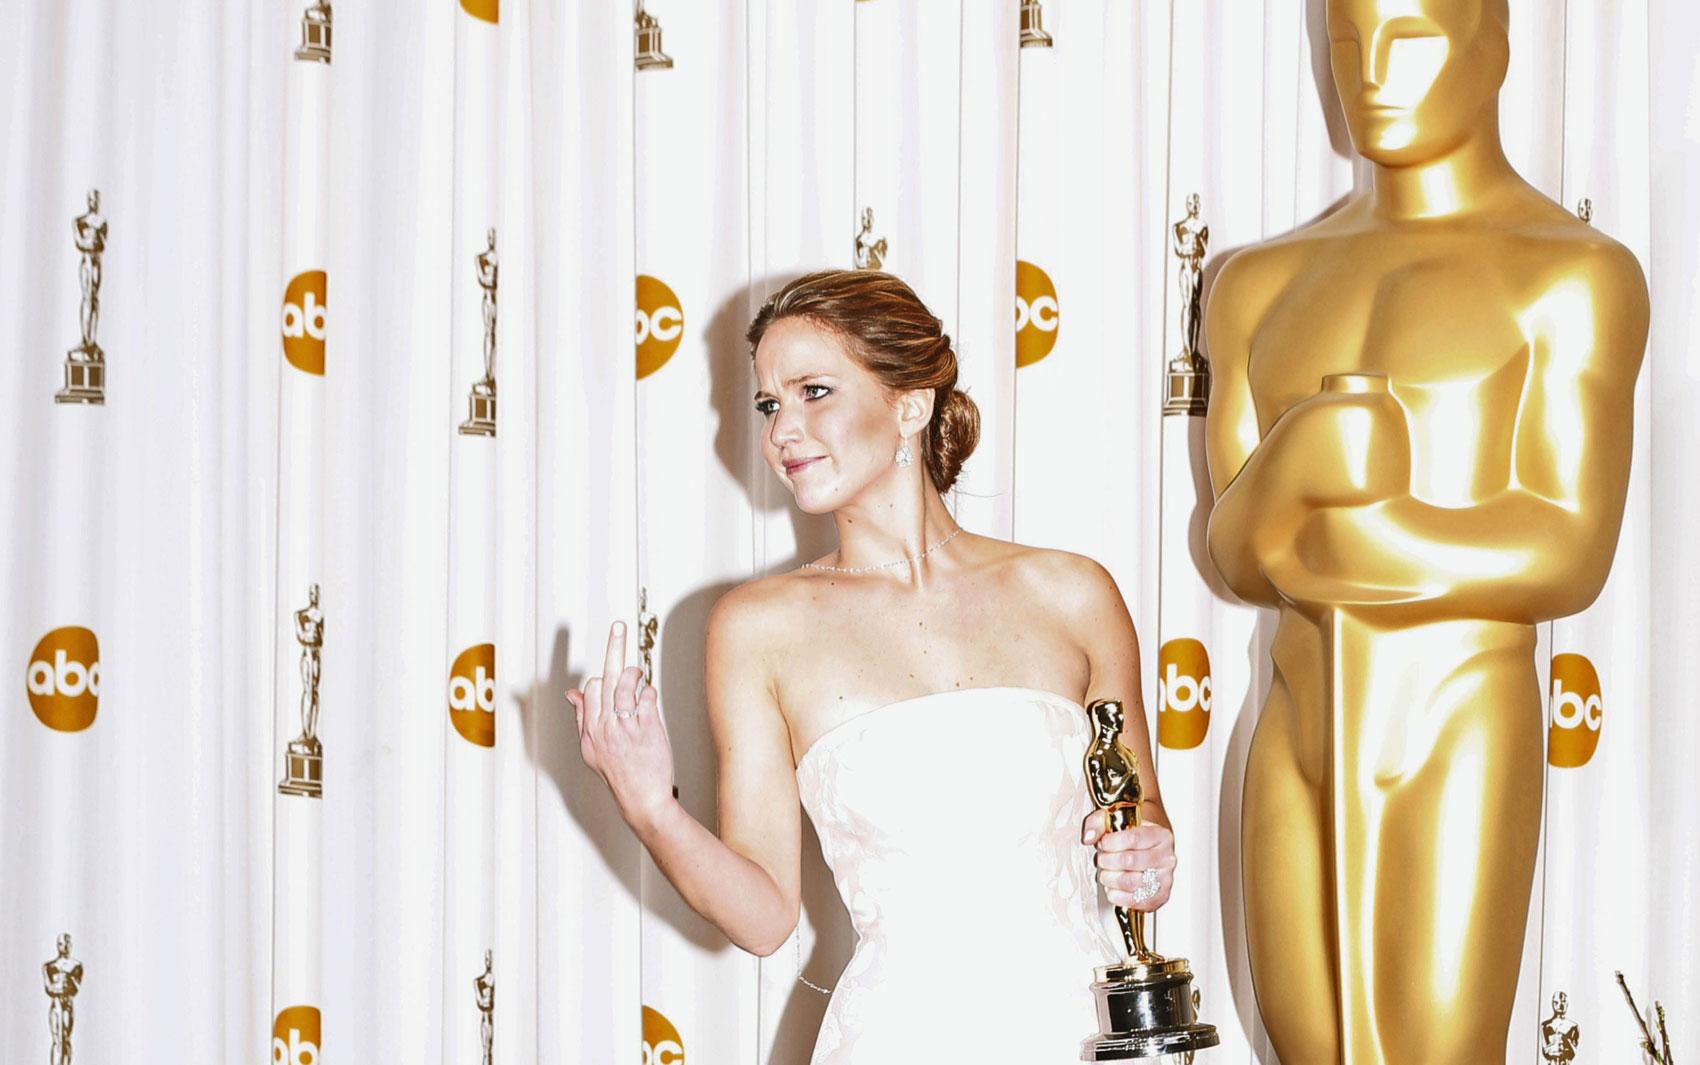 Após levar a estatueta de Melhor Atriz e tomar um tombo ao subir no palco, Jennifer Lawrence reage às piadas de fotógrafos alertando-a para ter atenção com os degraus quando ela foi posar para fotos no backstage